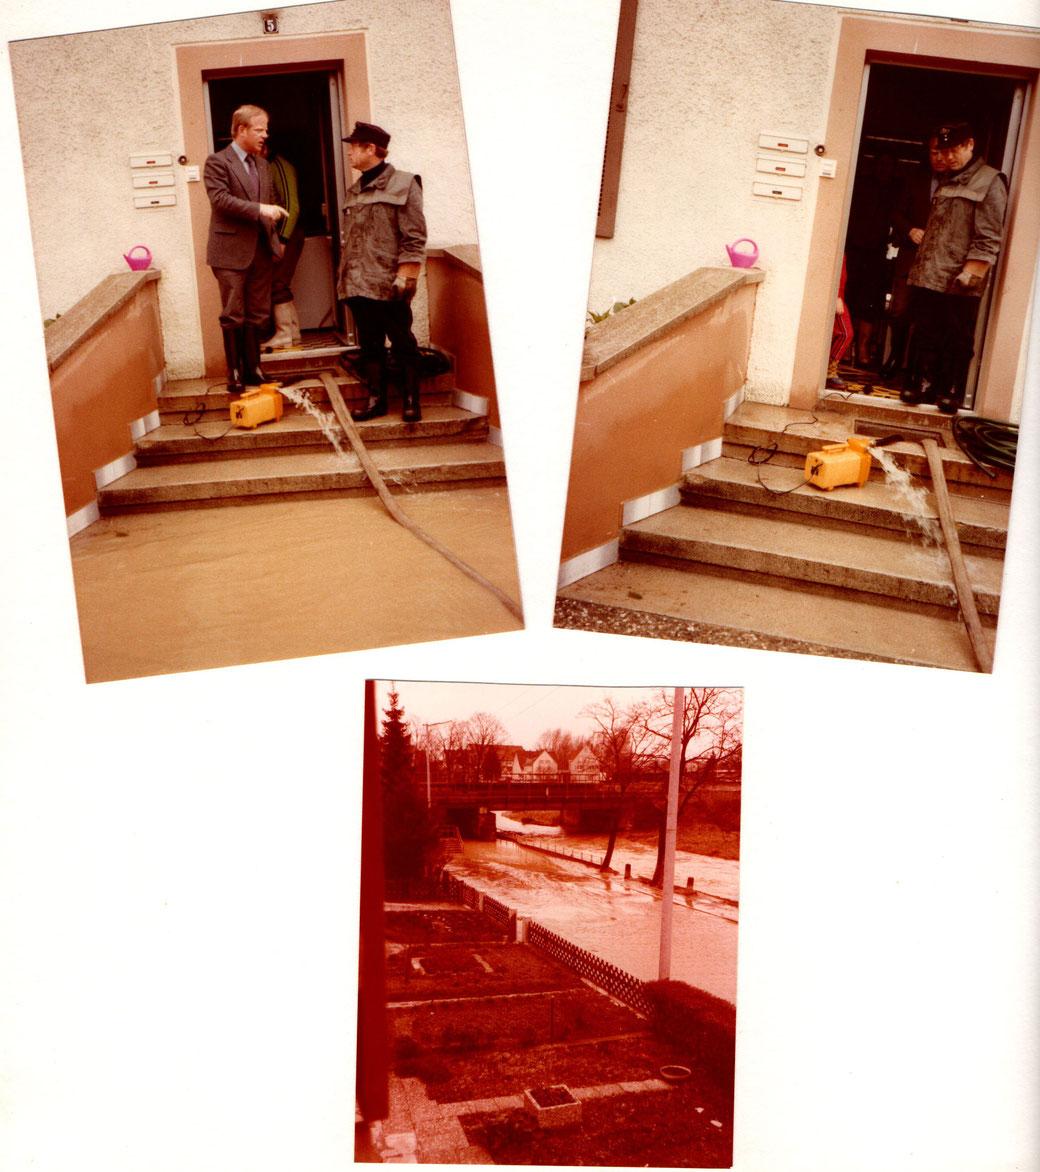 links oben: OB Martin Herzog besucht Anwohner, die ihre vollgelaufenen Keller auspumpen müssen (Quelle: privates Fotoalbum, Familienbesitz), datiert 24.05.1978